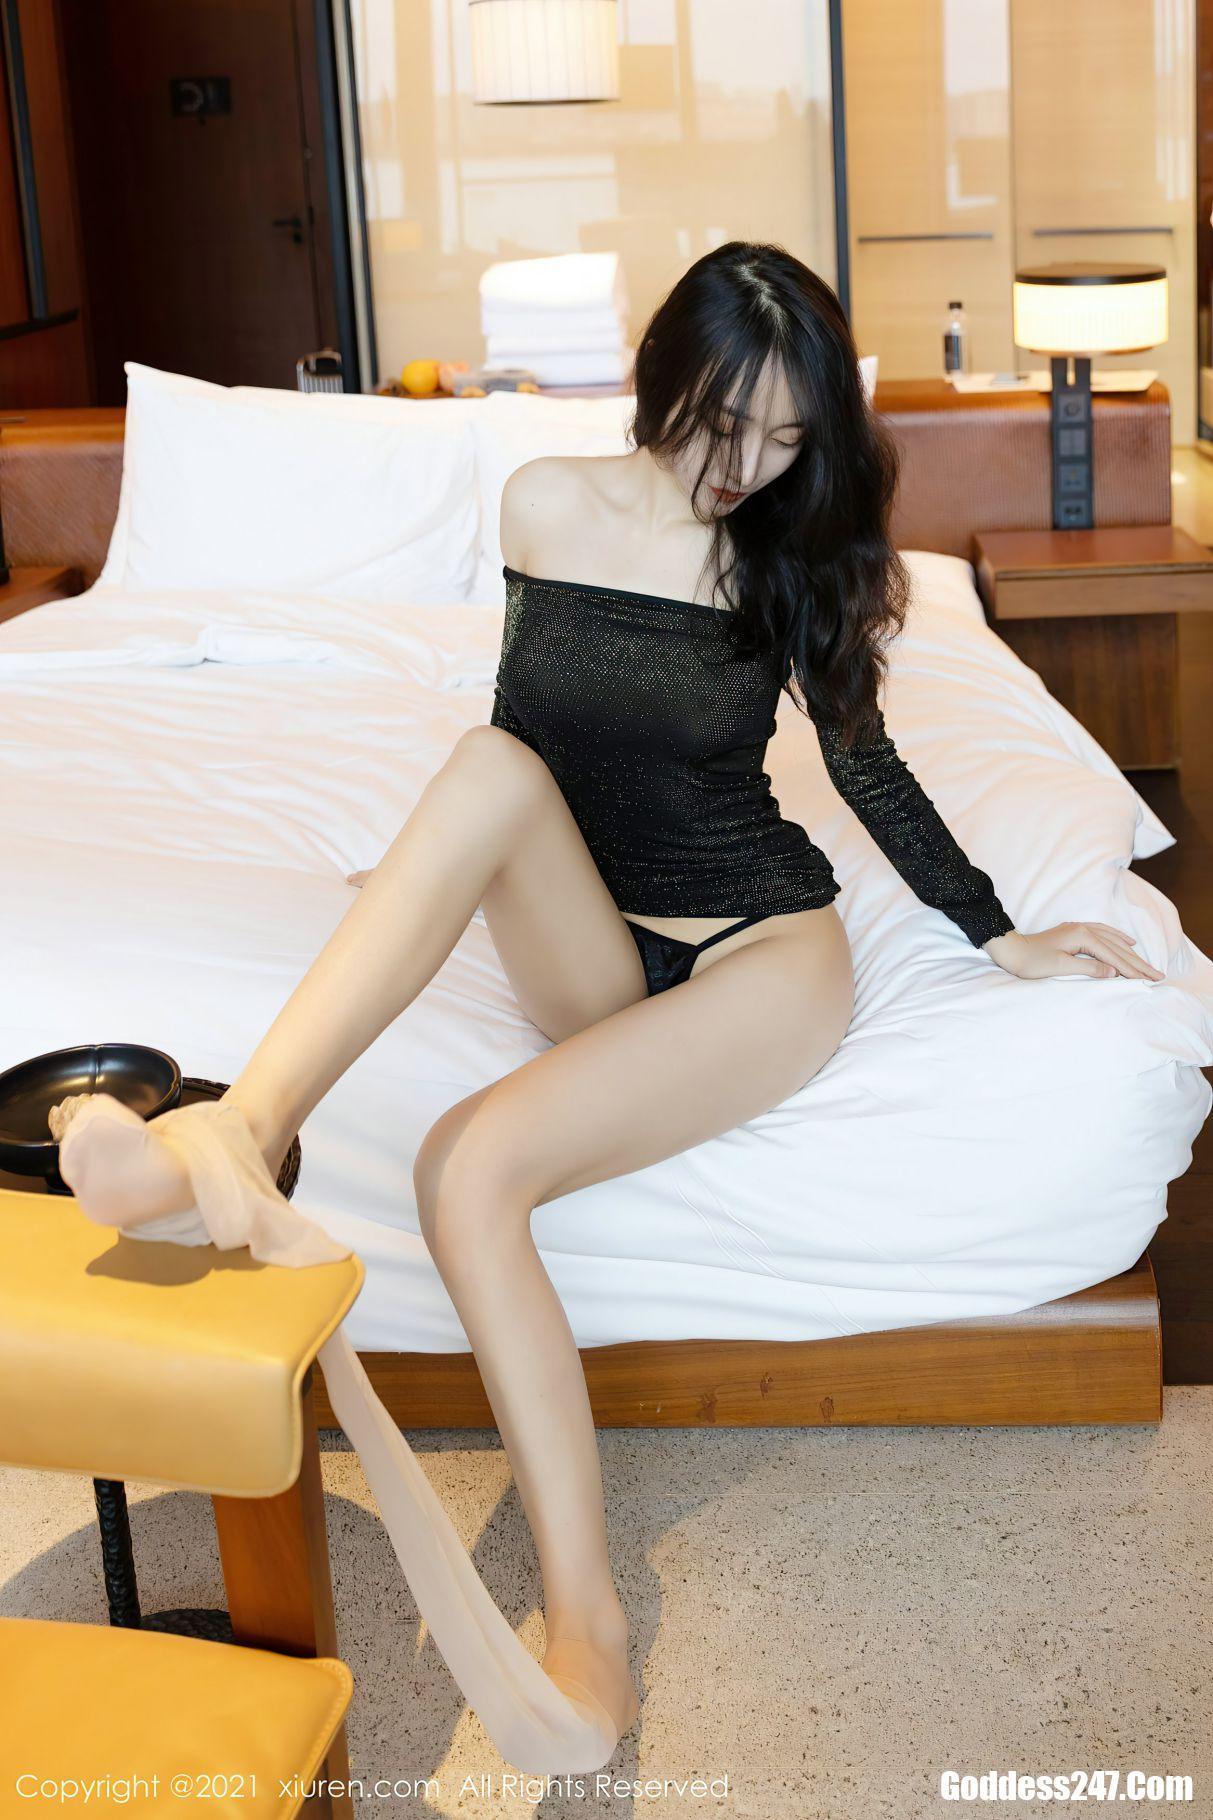 玥儿玥er, Yue Er Yue, XiuRen秀人网 No.3265 玥儿玥er, XiuRen秀人网 No.3265